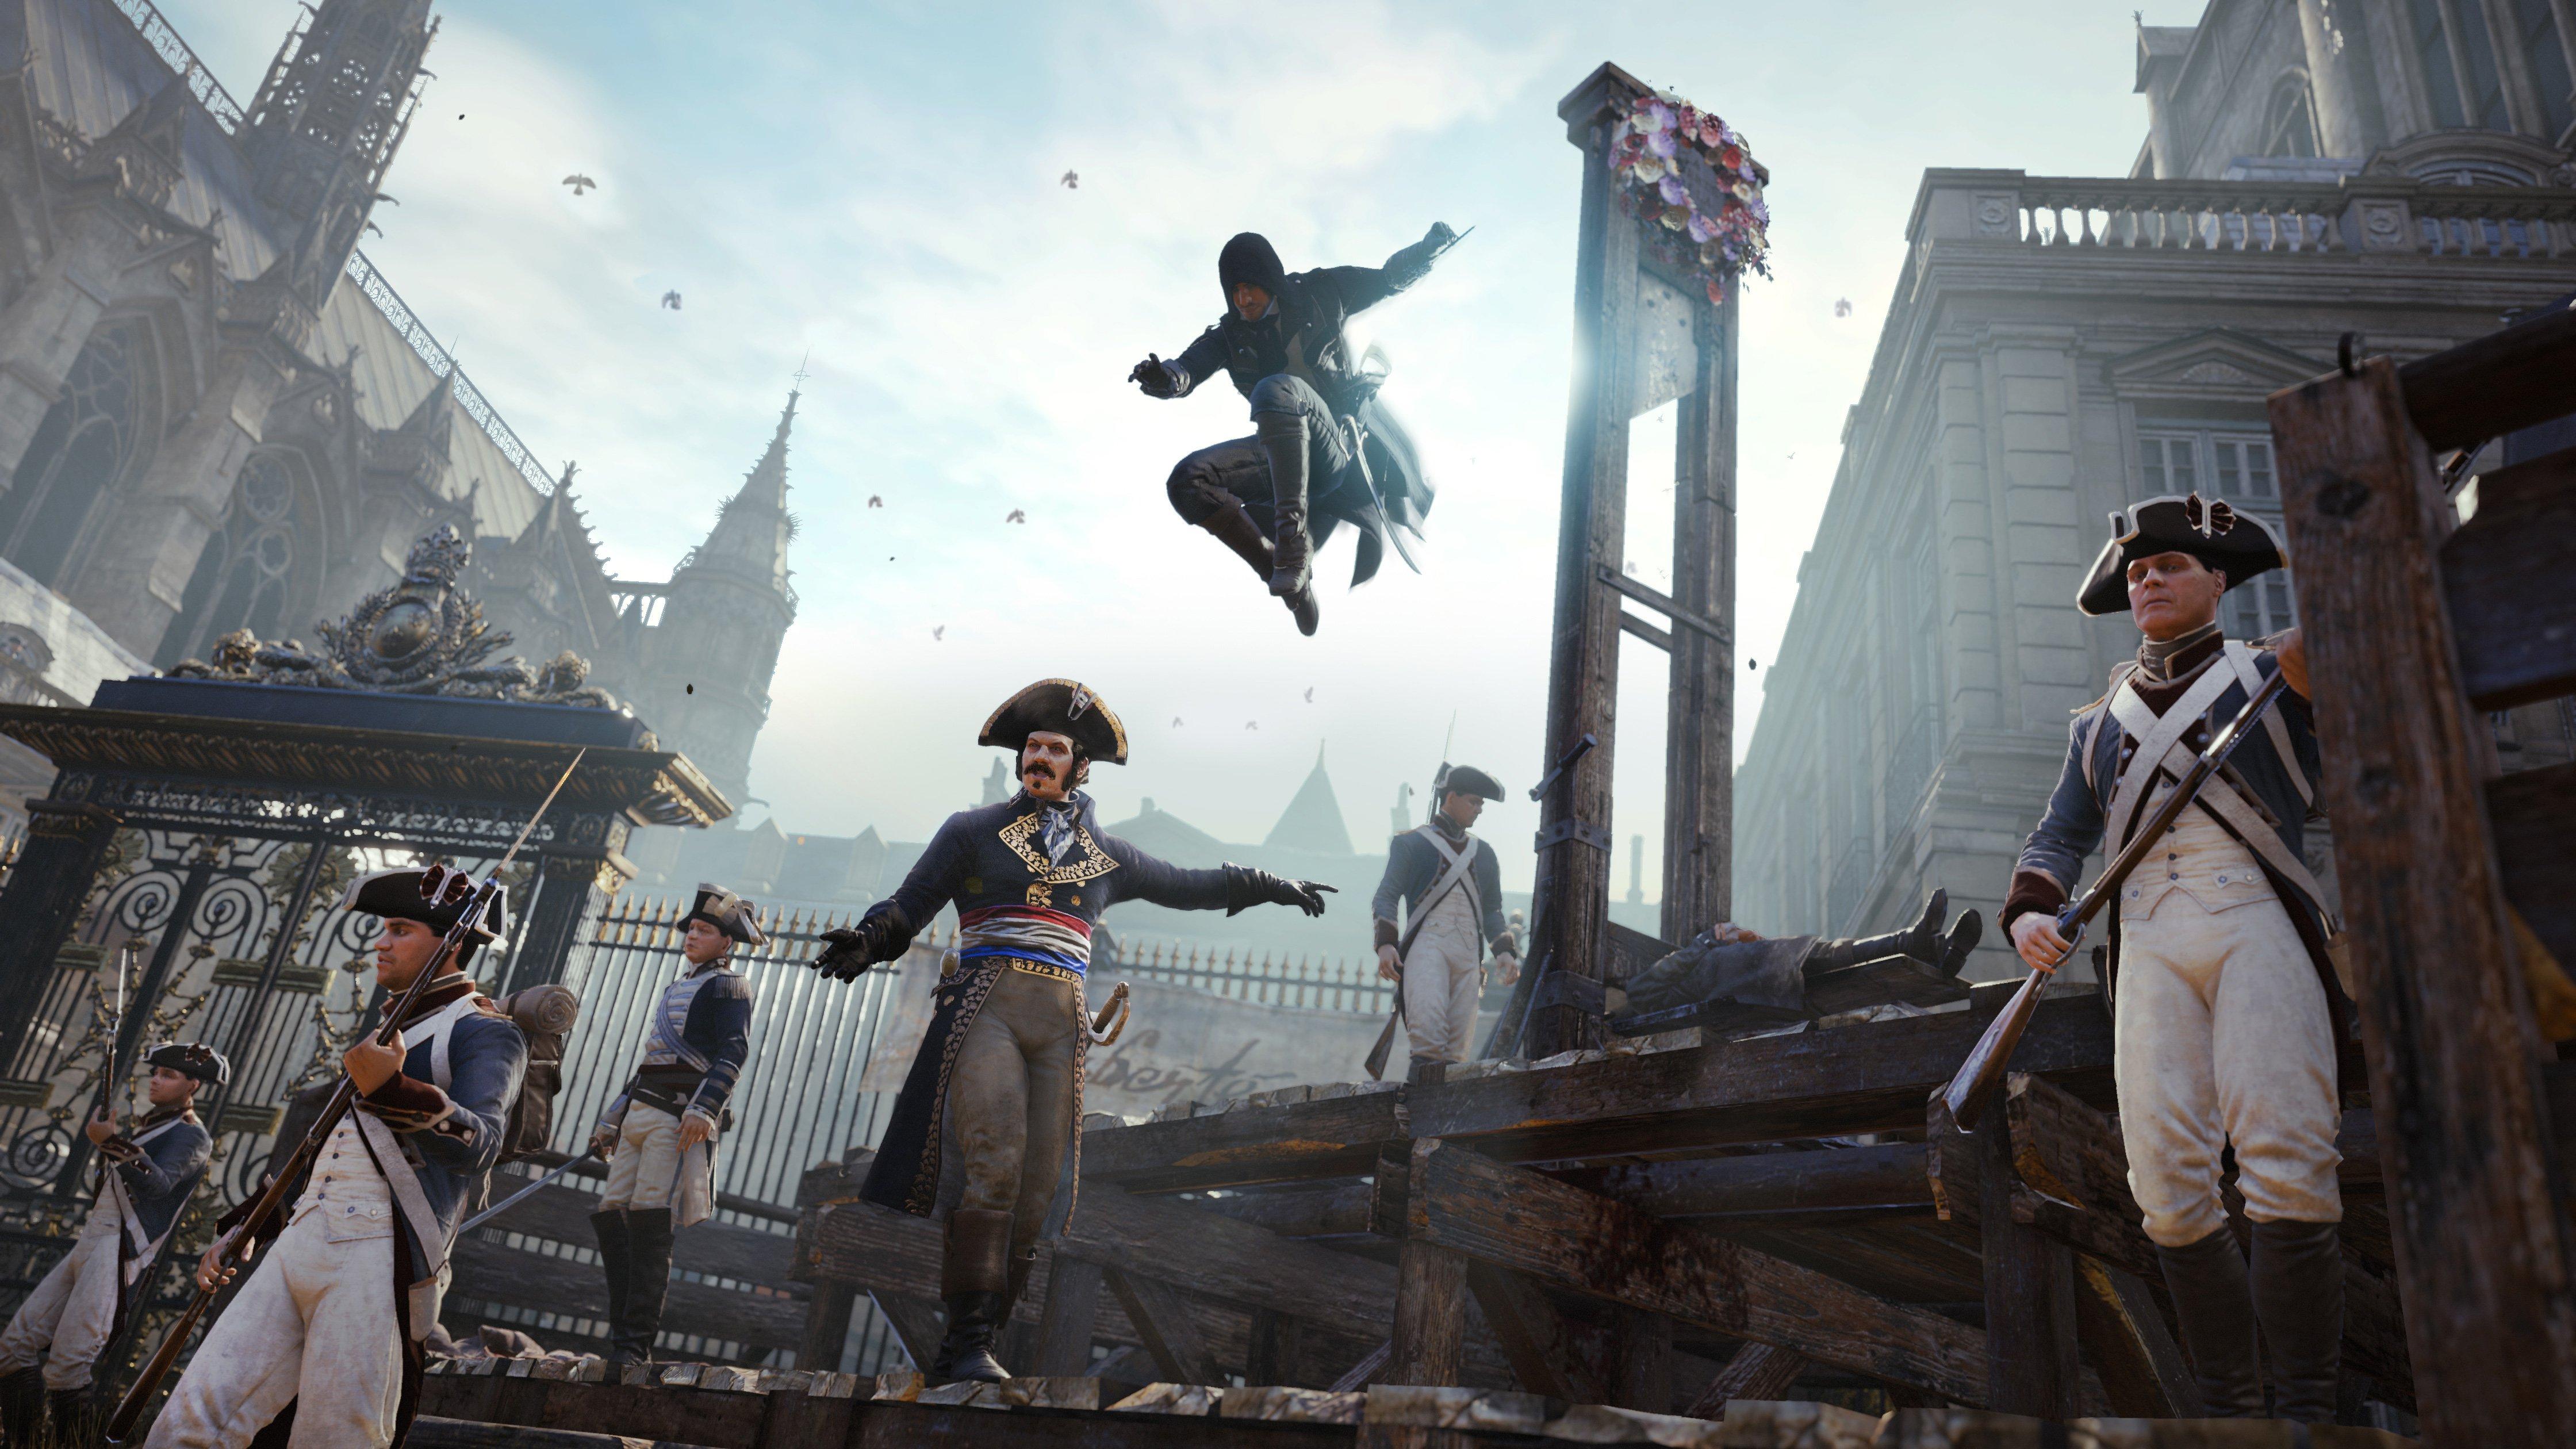 Оценка нашего стрима по Assassin's Creed: Unity и результаты конкурса [ОБНОВЛЕНО] - Изображение 1